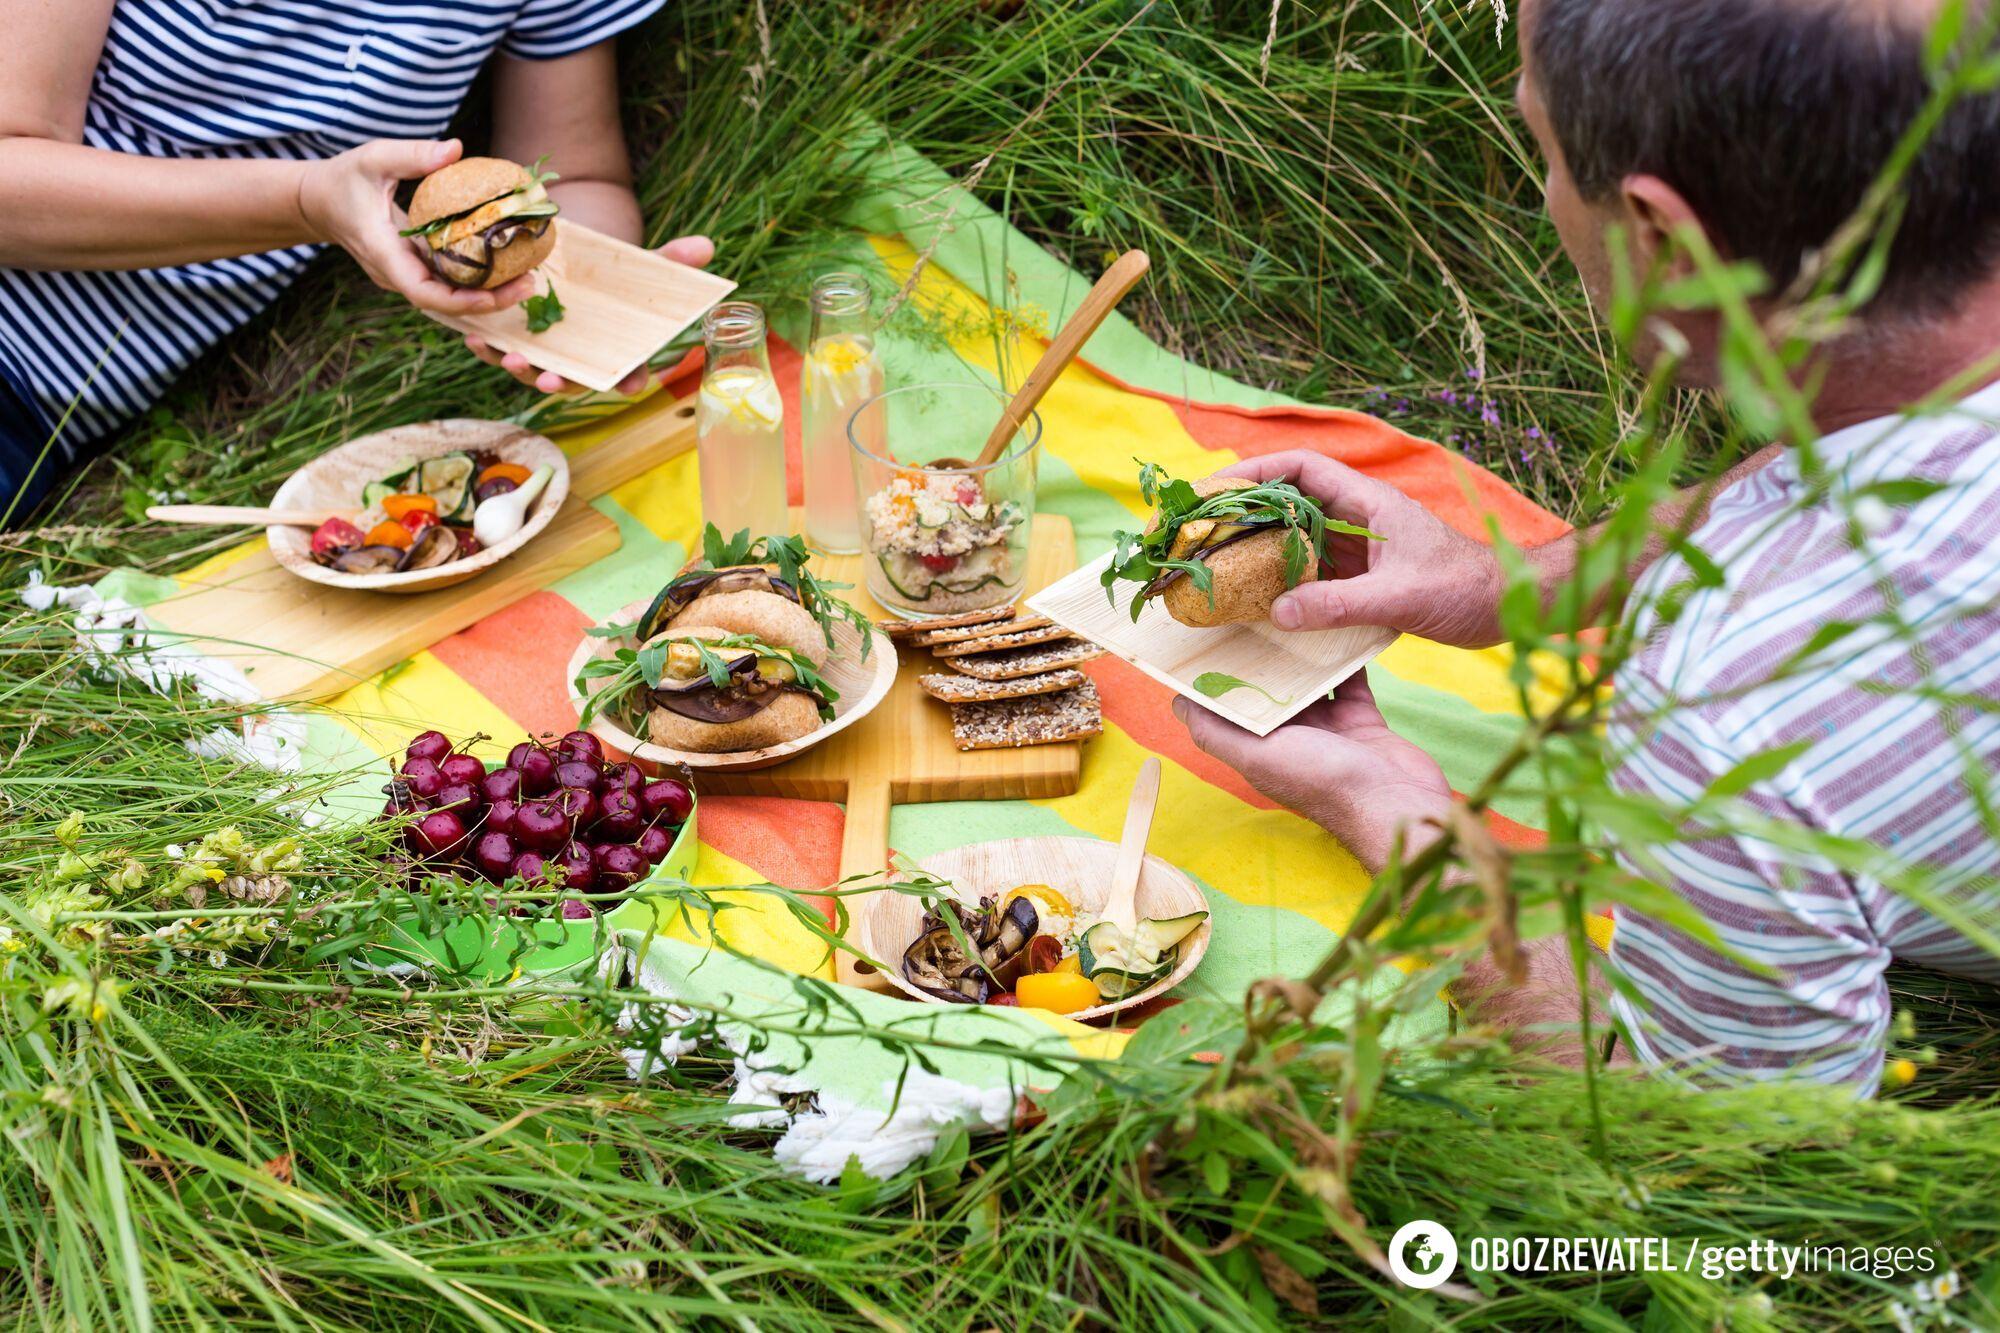 Что лучше всего взять на пикник